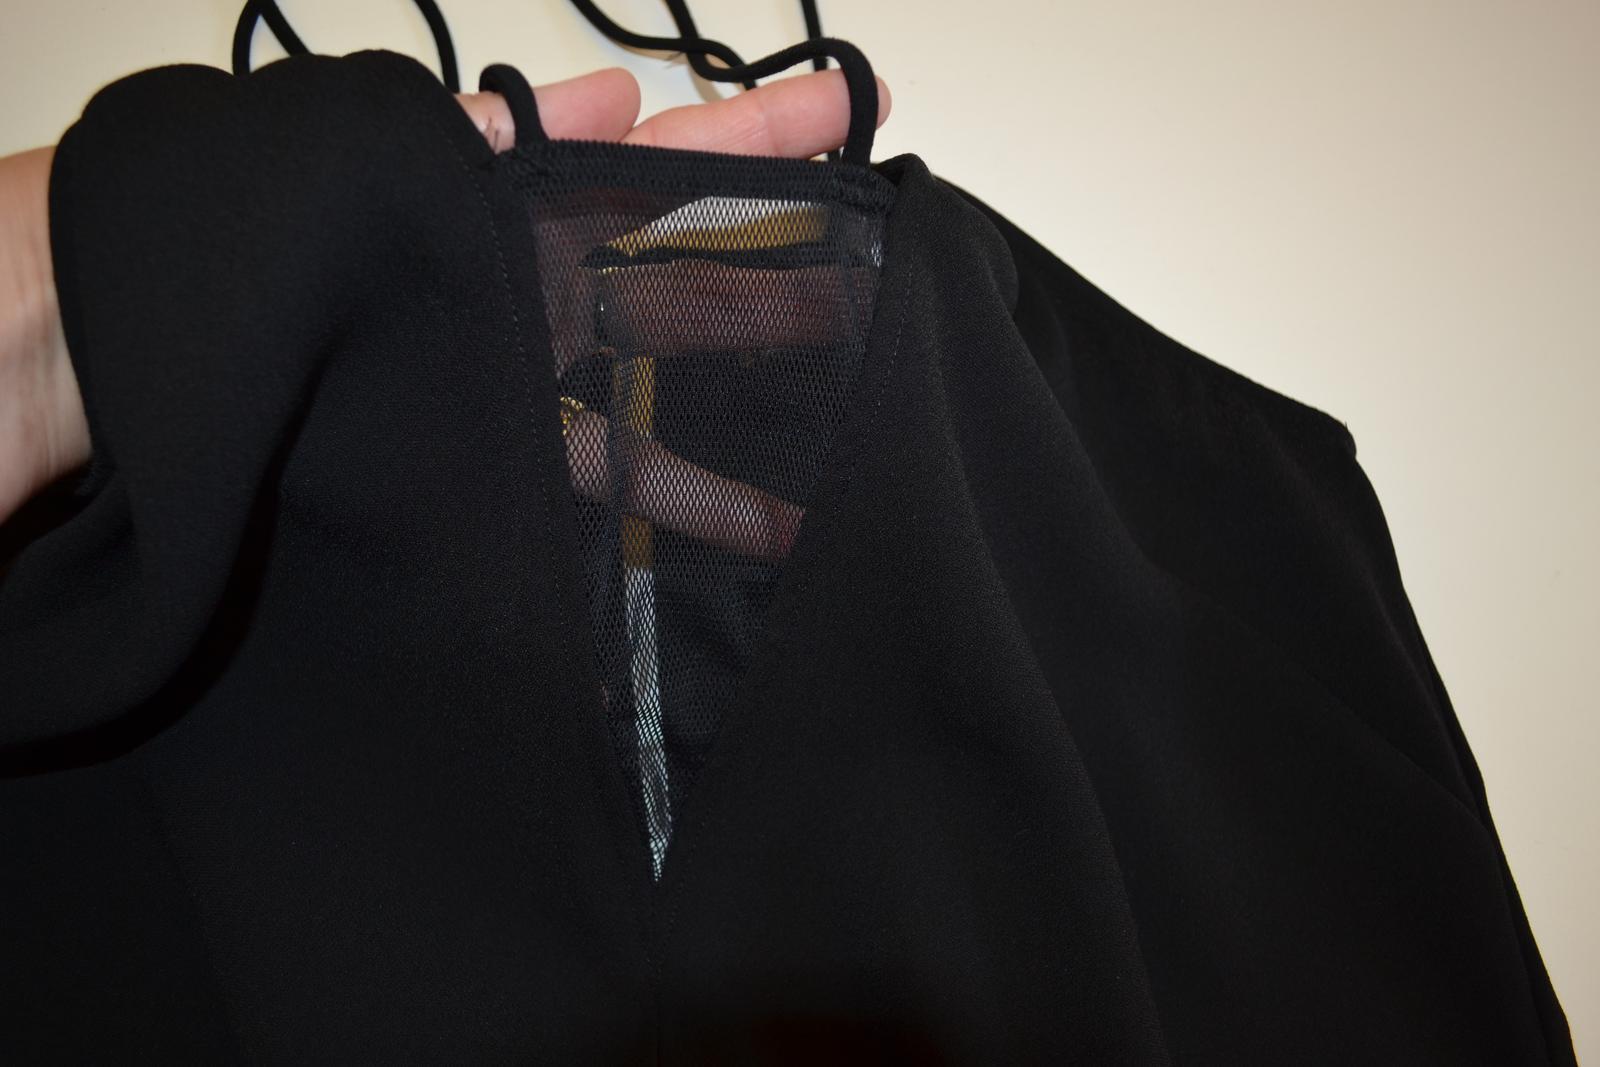 Šaty H&M  - Obrázek č. 4